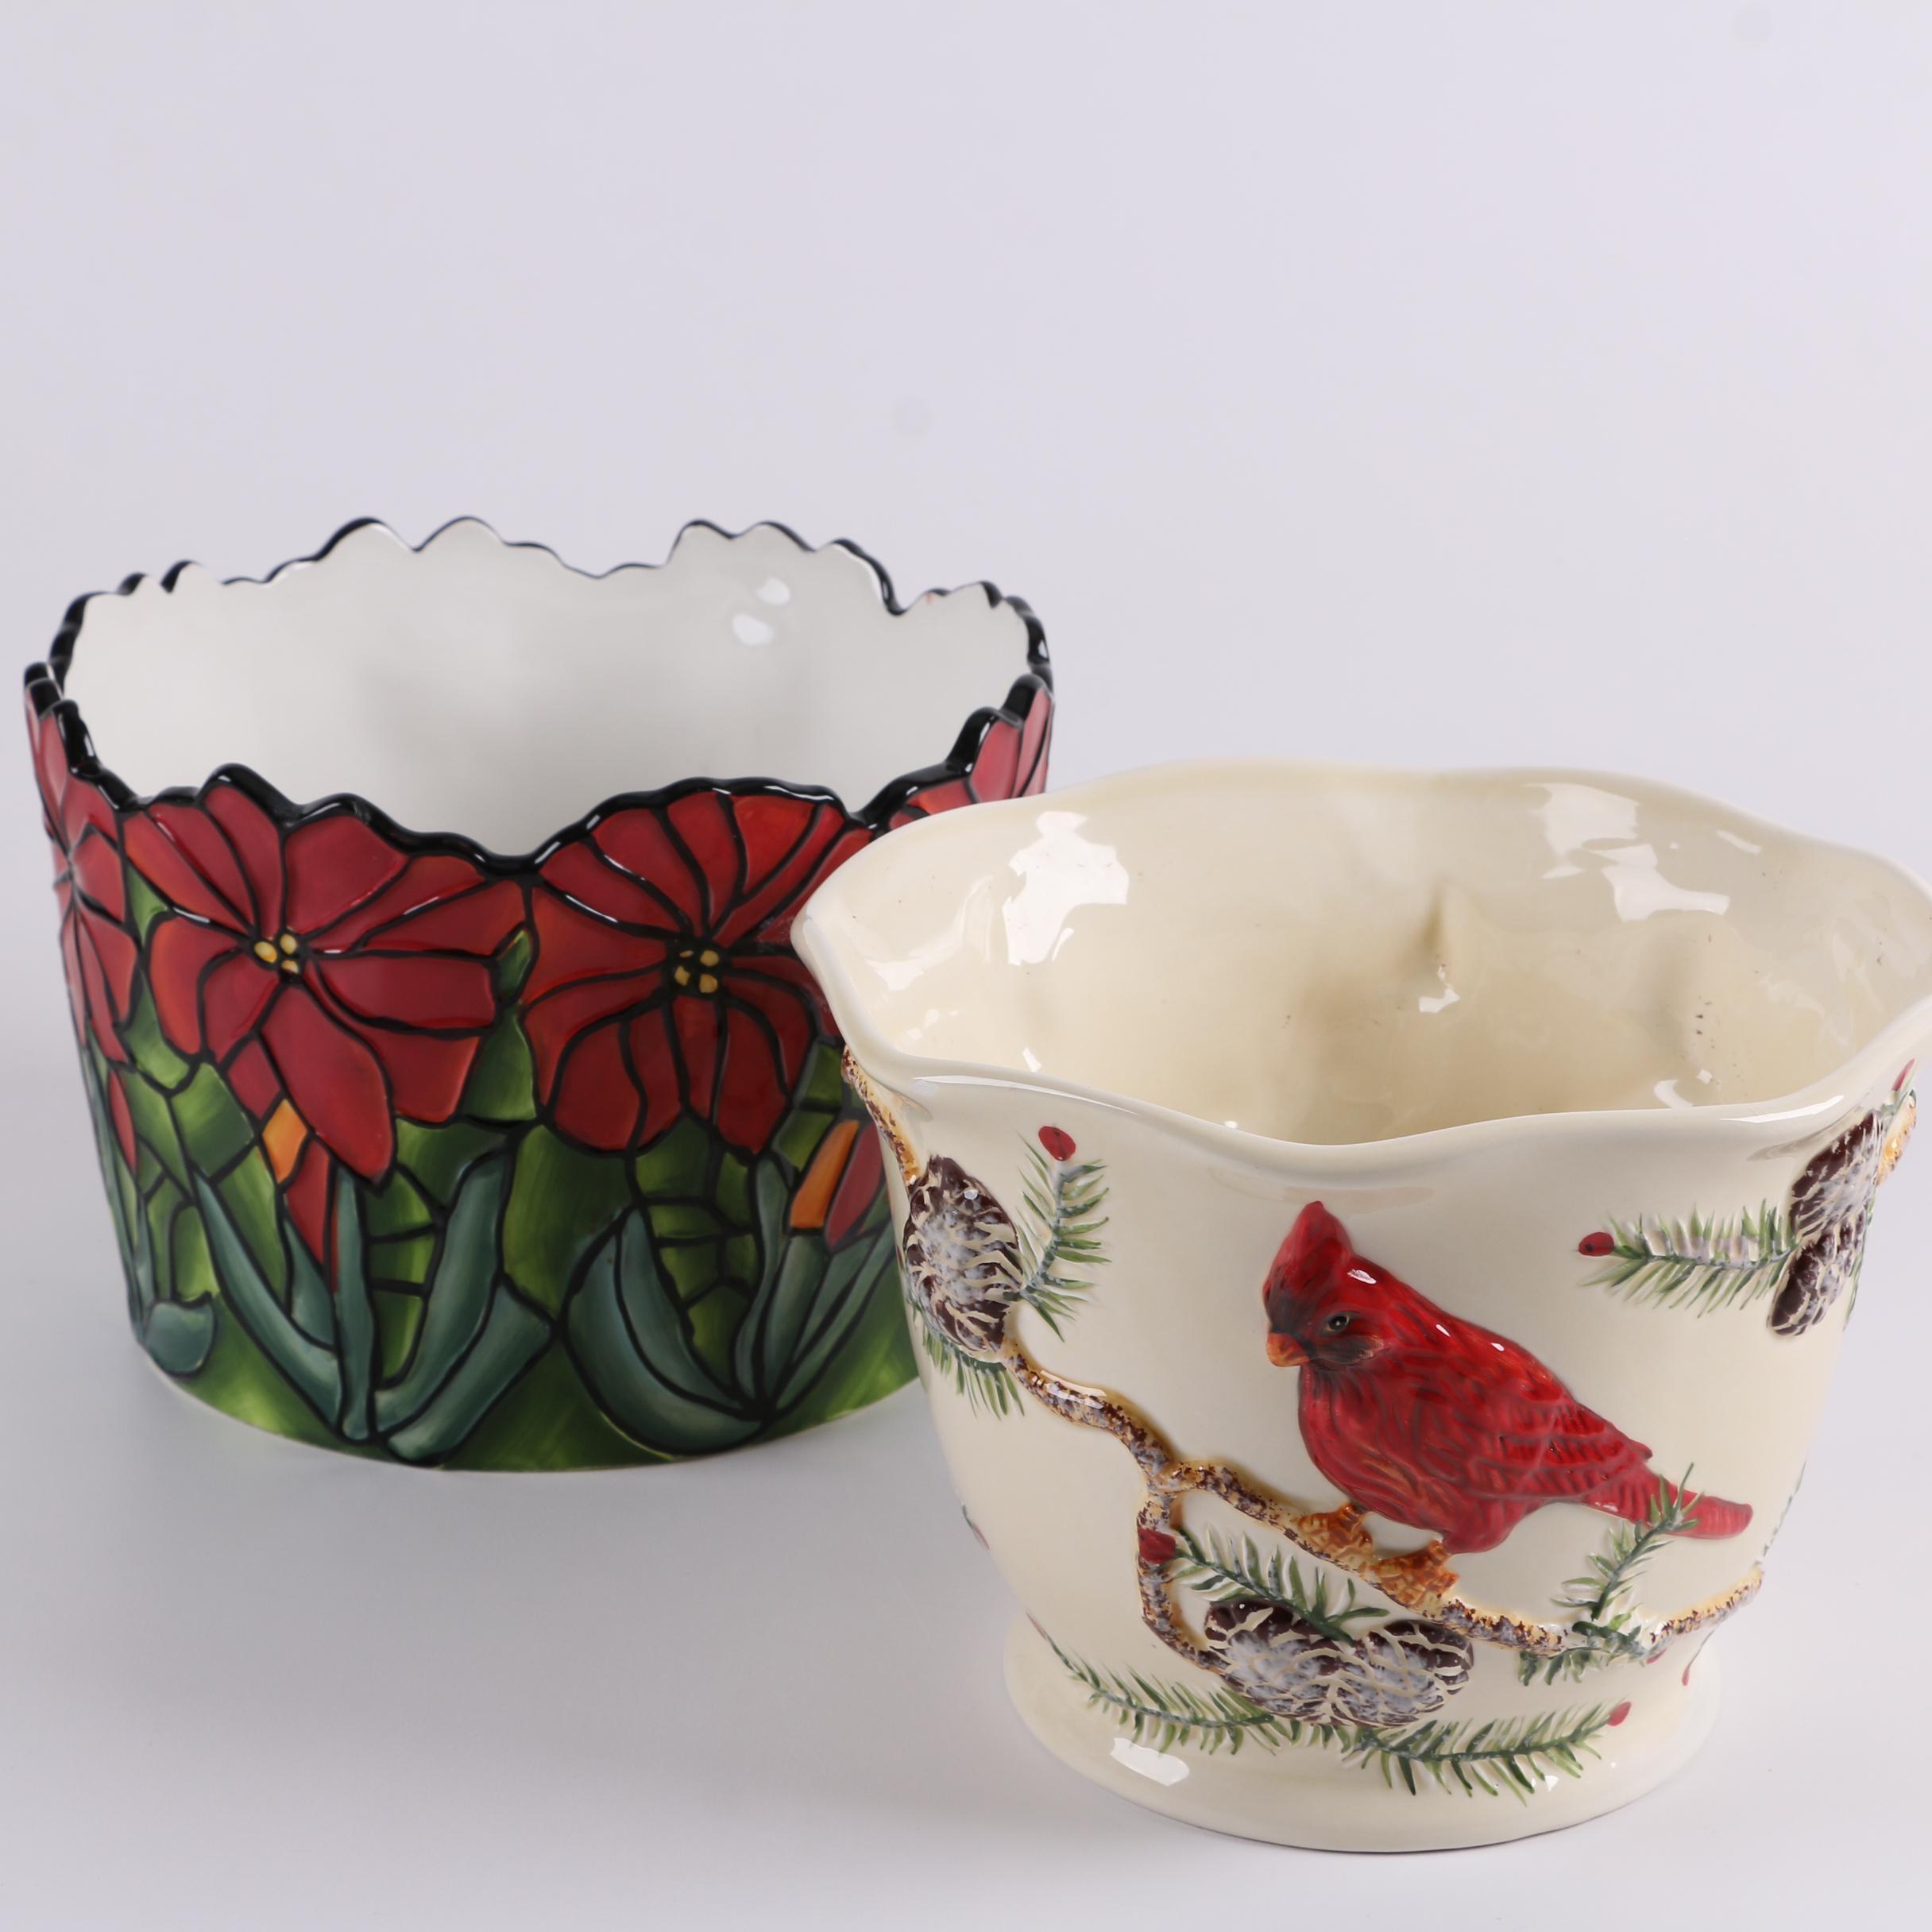 Jackson & Perkins Ceramic Holiday Planters